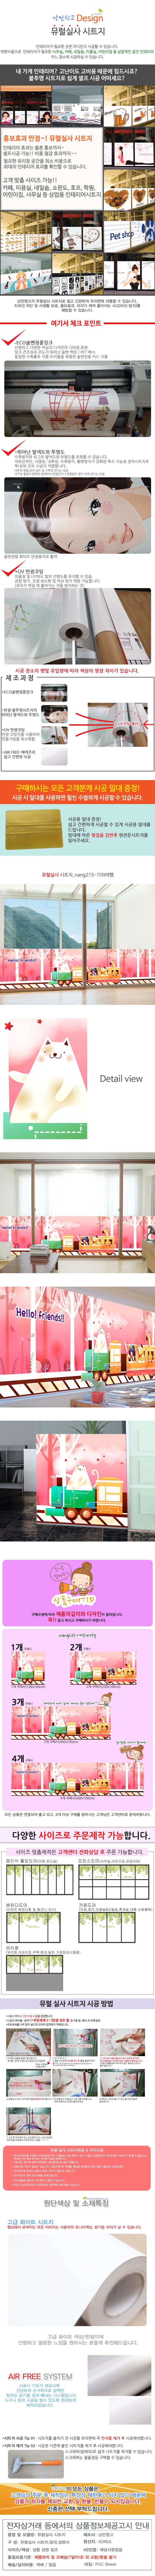 nang215-기차여행-뮤럴실사 시트지 - 낭만창고, 28,000원, 벽시/시트지, 디자인 시트지